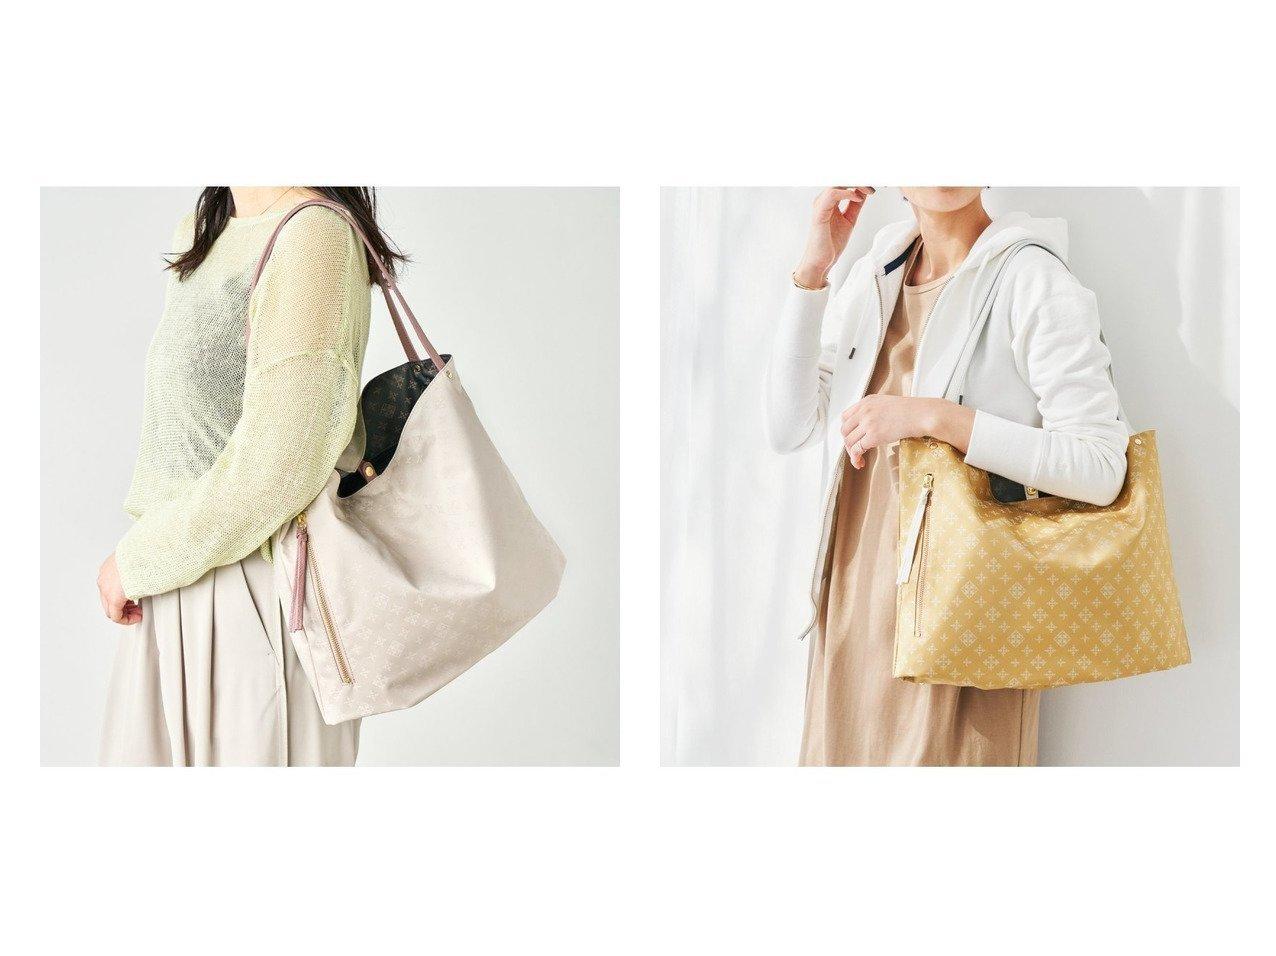 【russet/ラシット】の両面使えるリバーシブルトートバッグ(CE-813) おすすめ!人気、トレンド・レディースファッションの通販 おすすめで人気の流行・トレンド、ファッションの通販商品 インテリア・家具・メンズファッション・キッズファッション・レディースファッション・服の通販 founy(ファニー) https://founy.com/ ファッション Fashion レディースファッション WOMEN バッグ Bag イエロー 軽量 シンプル パターン ベーシック ポケット リバーシブル おすすめ Recommend 日本製 Made in Japan  ID:crp329100000061068